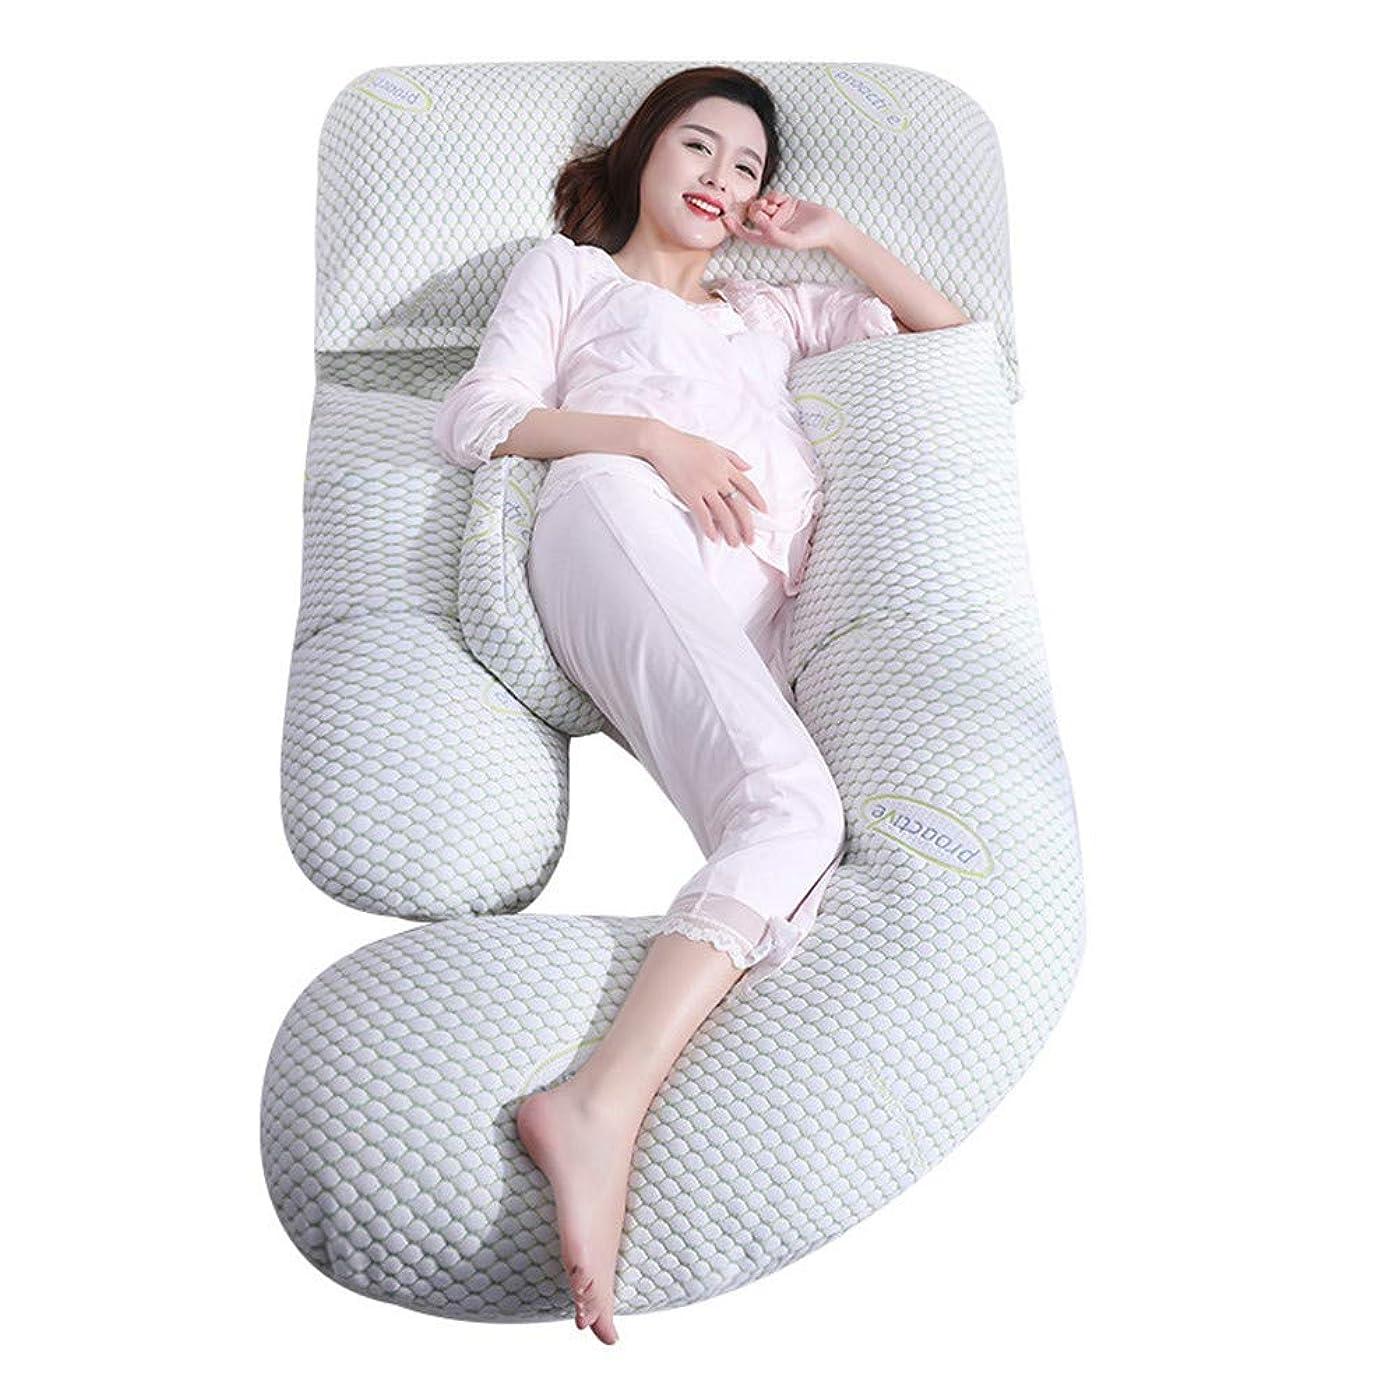 性的リゾートデータム妊娠中の女性の枕コットンウエストサイドスリーピングベッド胃リフト多目的妊娠用品柔らかい快適な安心の痛み